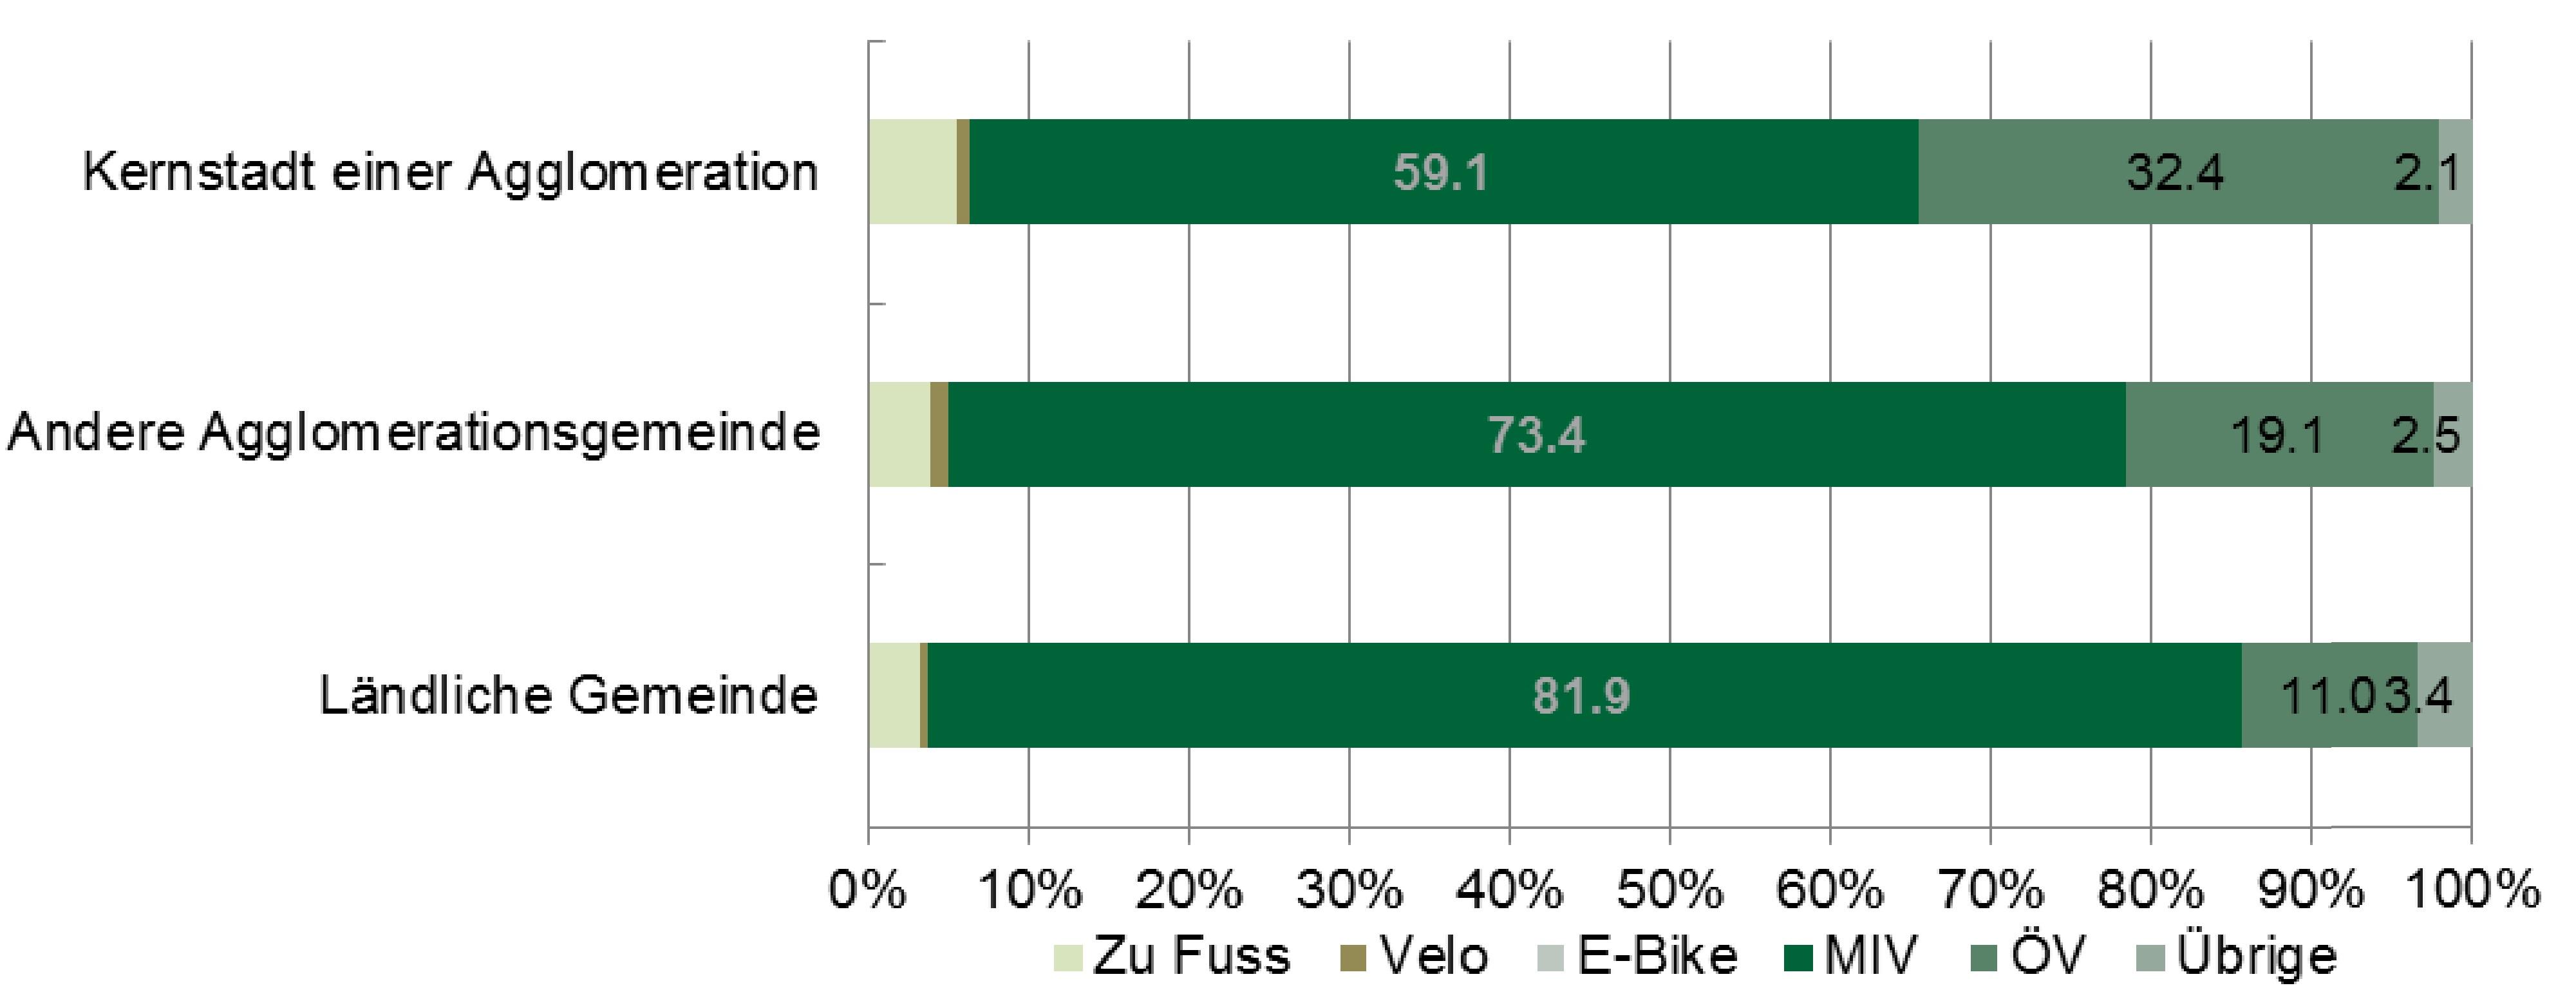 Mikrozensus 2015: Verkehrsmittelwahl nach Raumtypen des Wohnorts